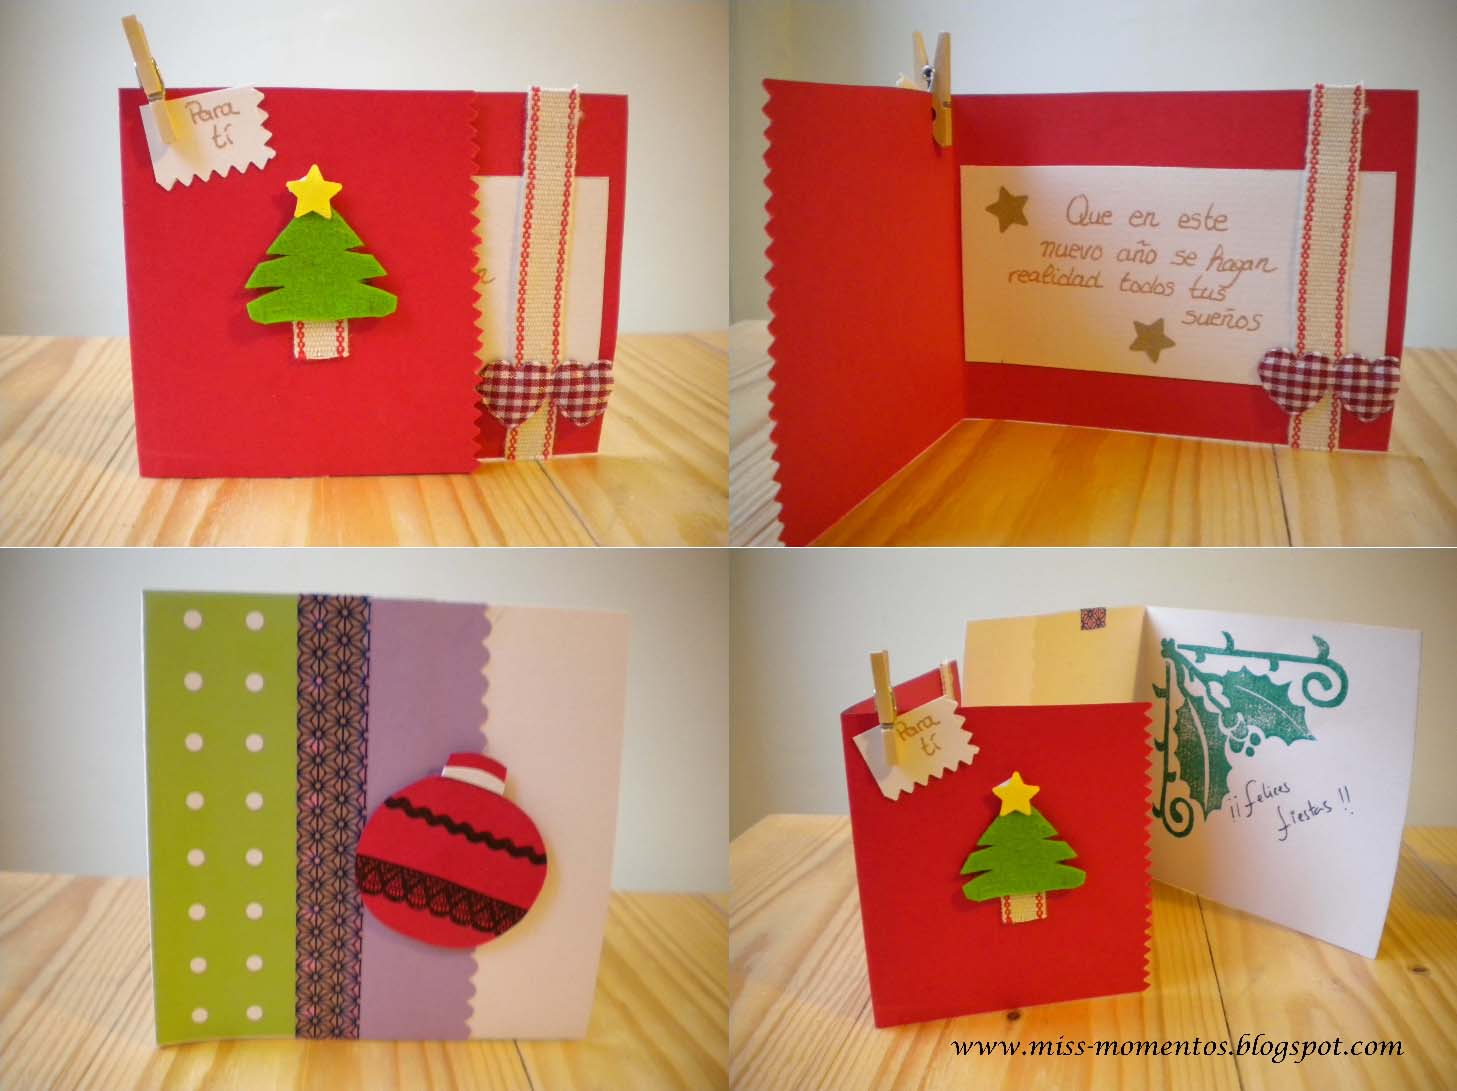 Miss momentos scrapbooking y como hacer tarjetas navide as - Hacer una tarjeta navidena ...